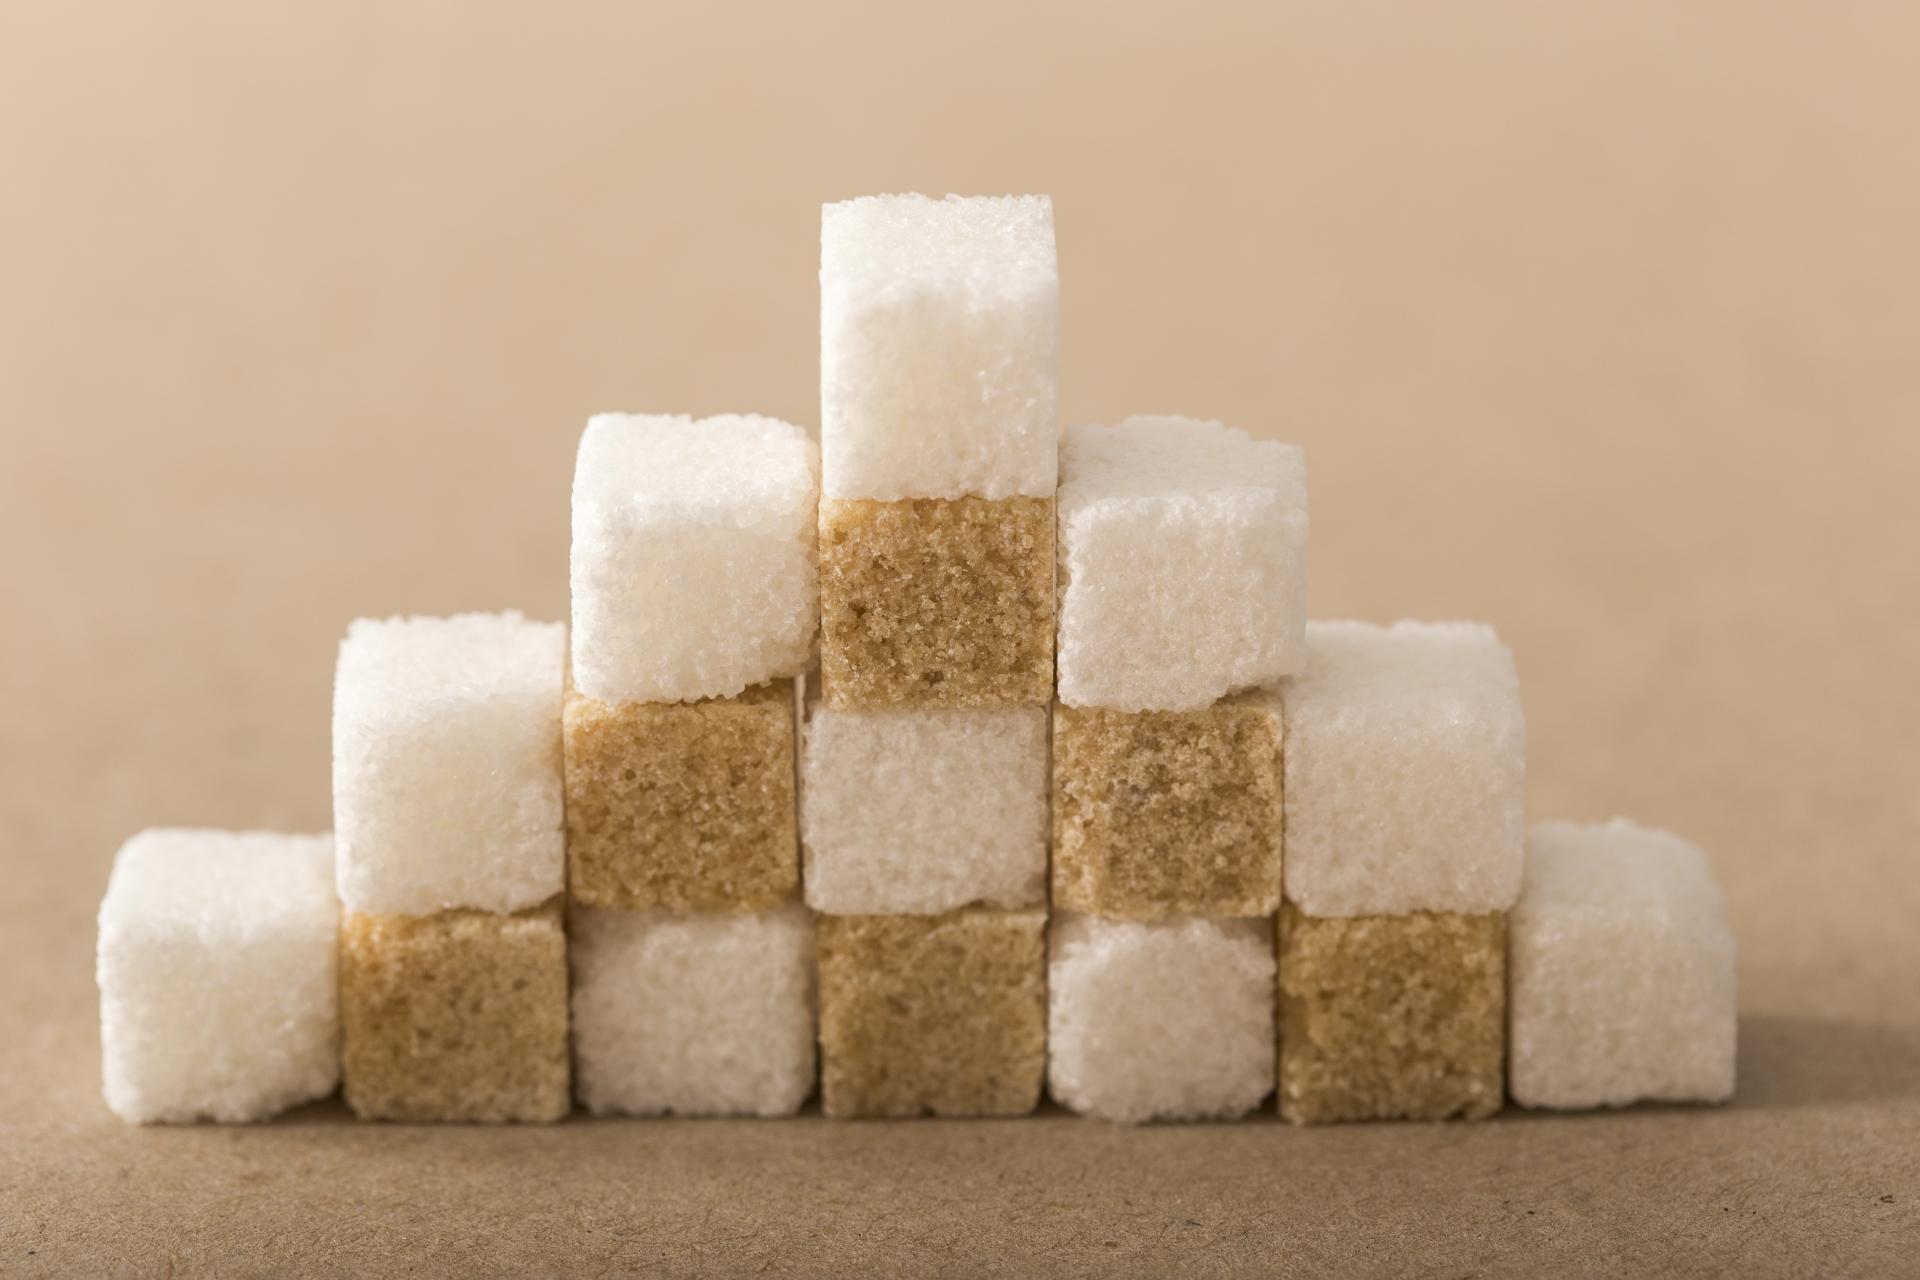 糖化 砂糖